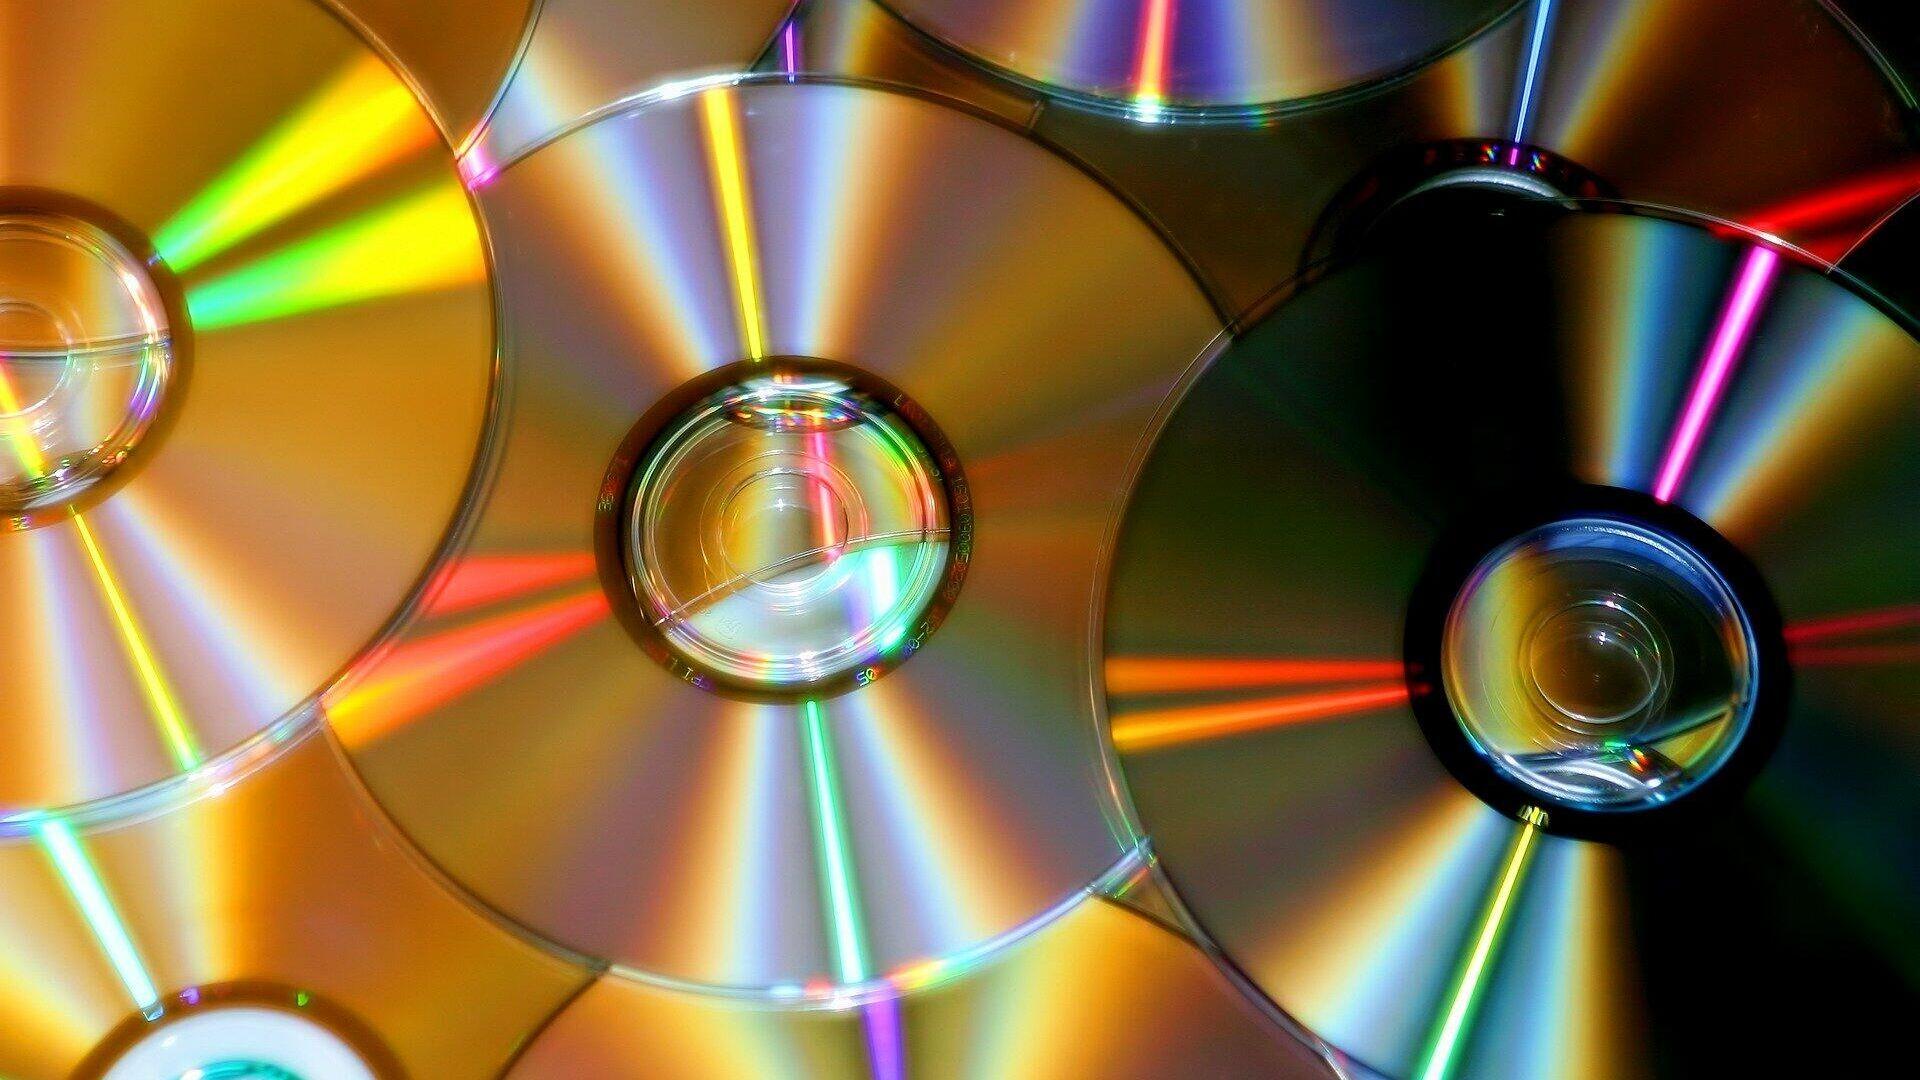 Discos DVD - Sputnik Mundo, 1920, 23.02.2021